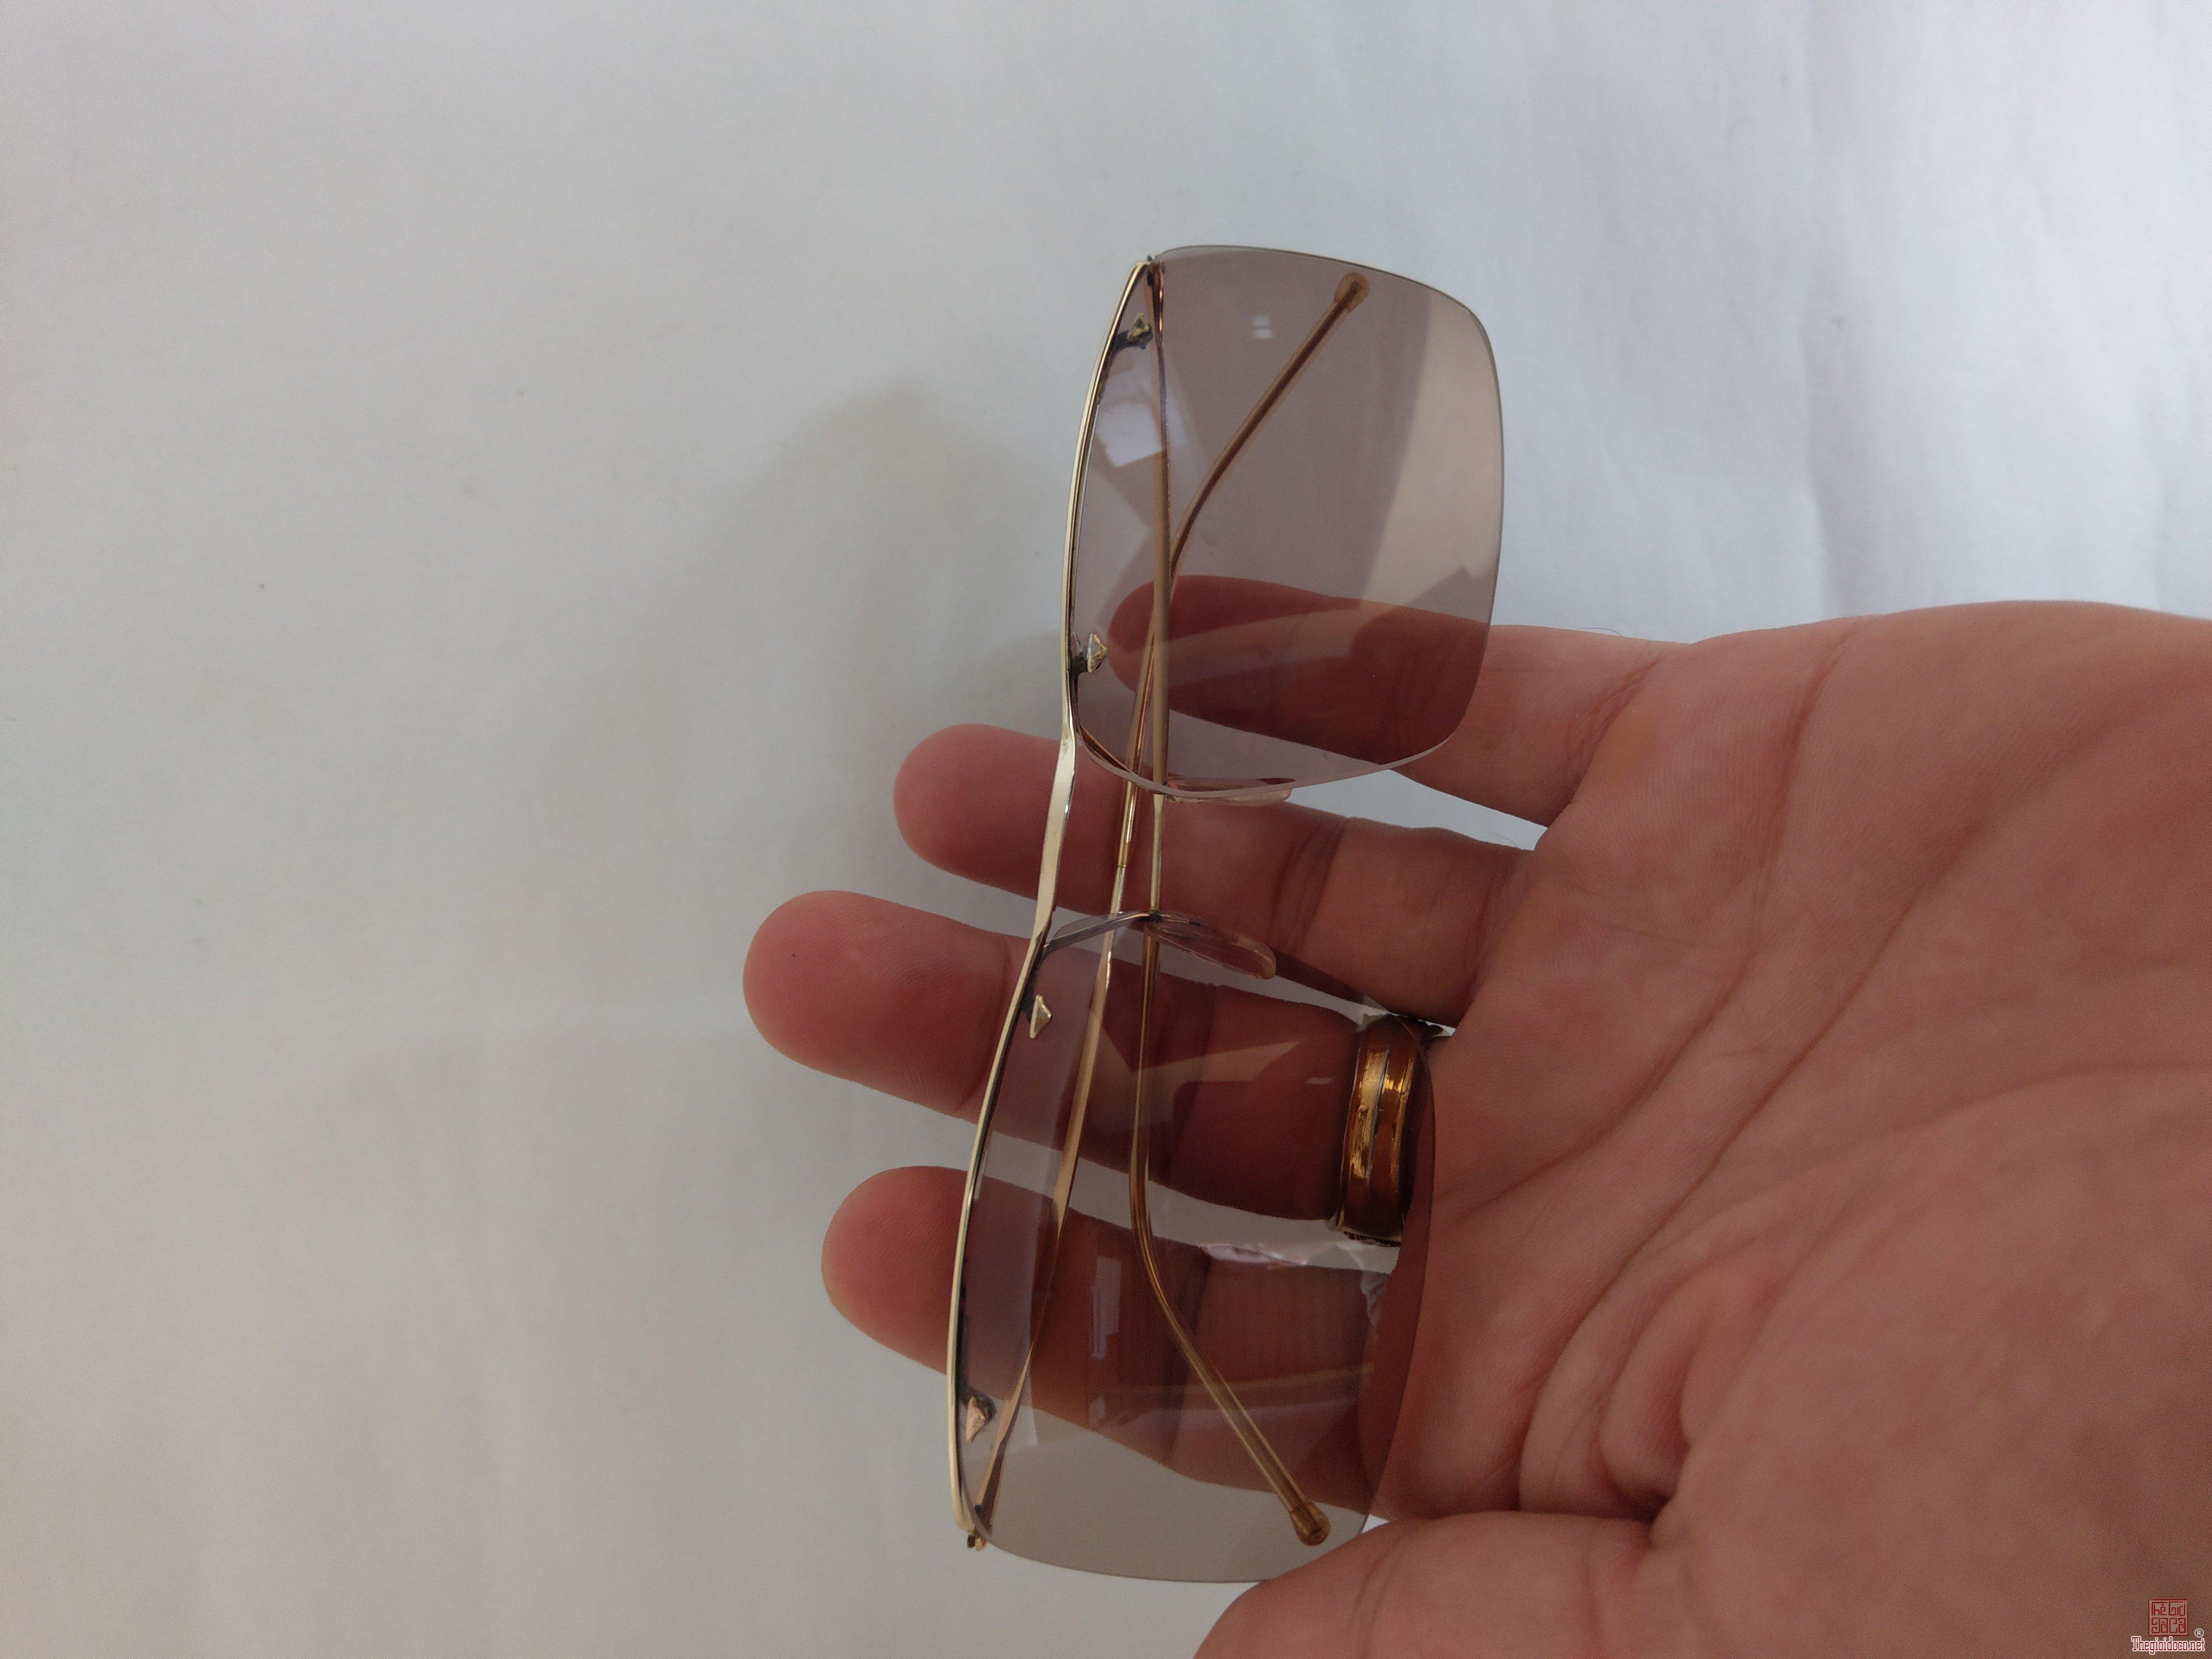 kính Sam nhạn của Pháp bọc vàng nguyên bản siêu nhẹ